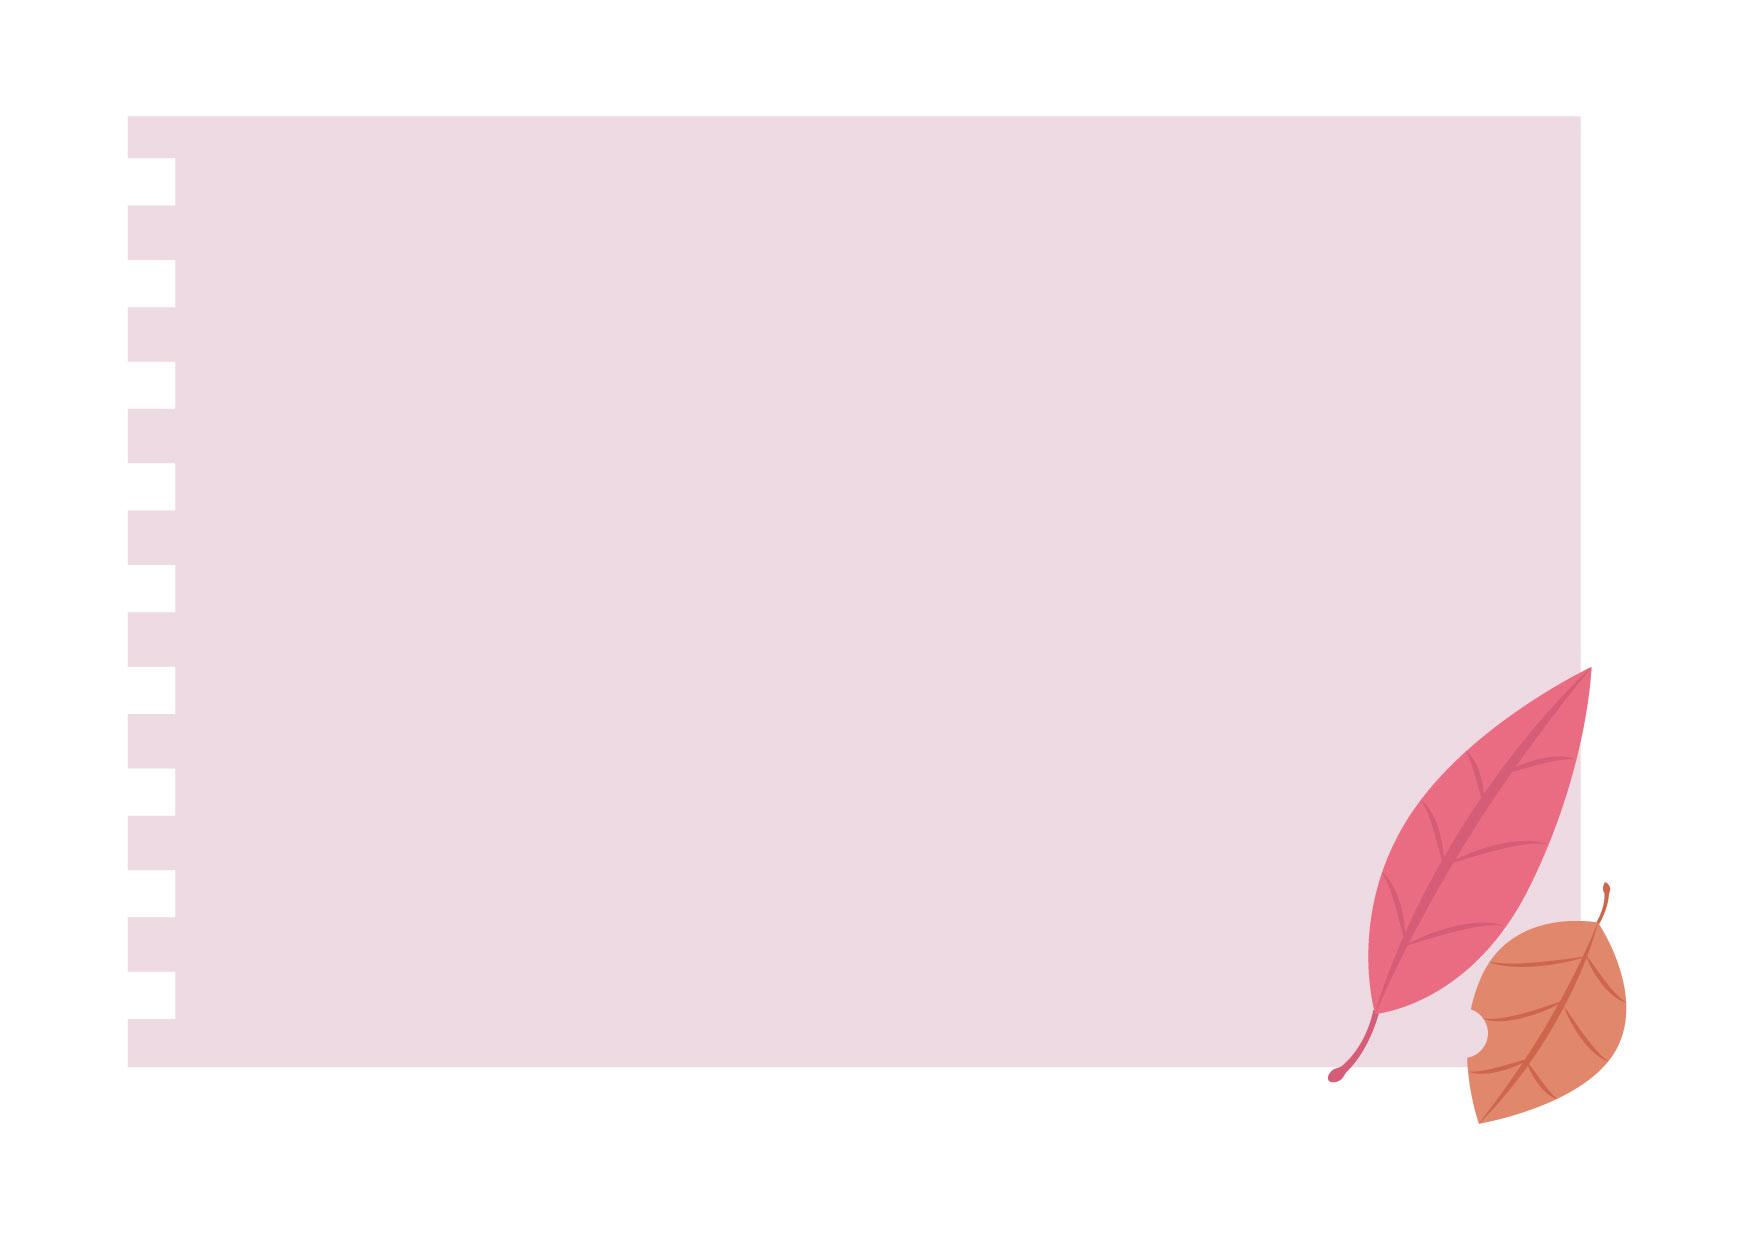 背景 ノート 葉っぱ ピンク イラスト 無料